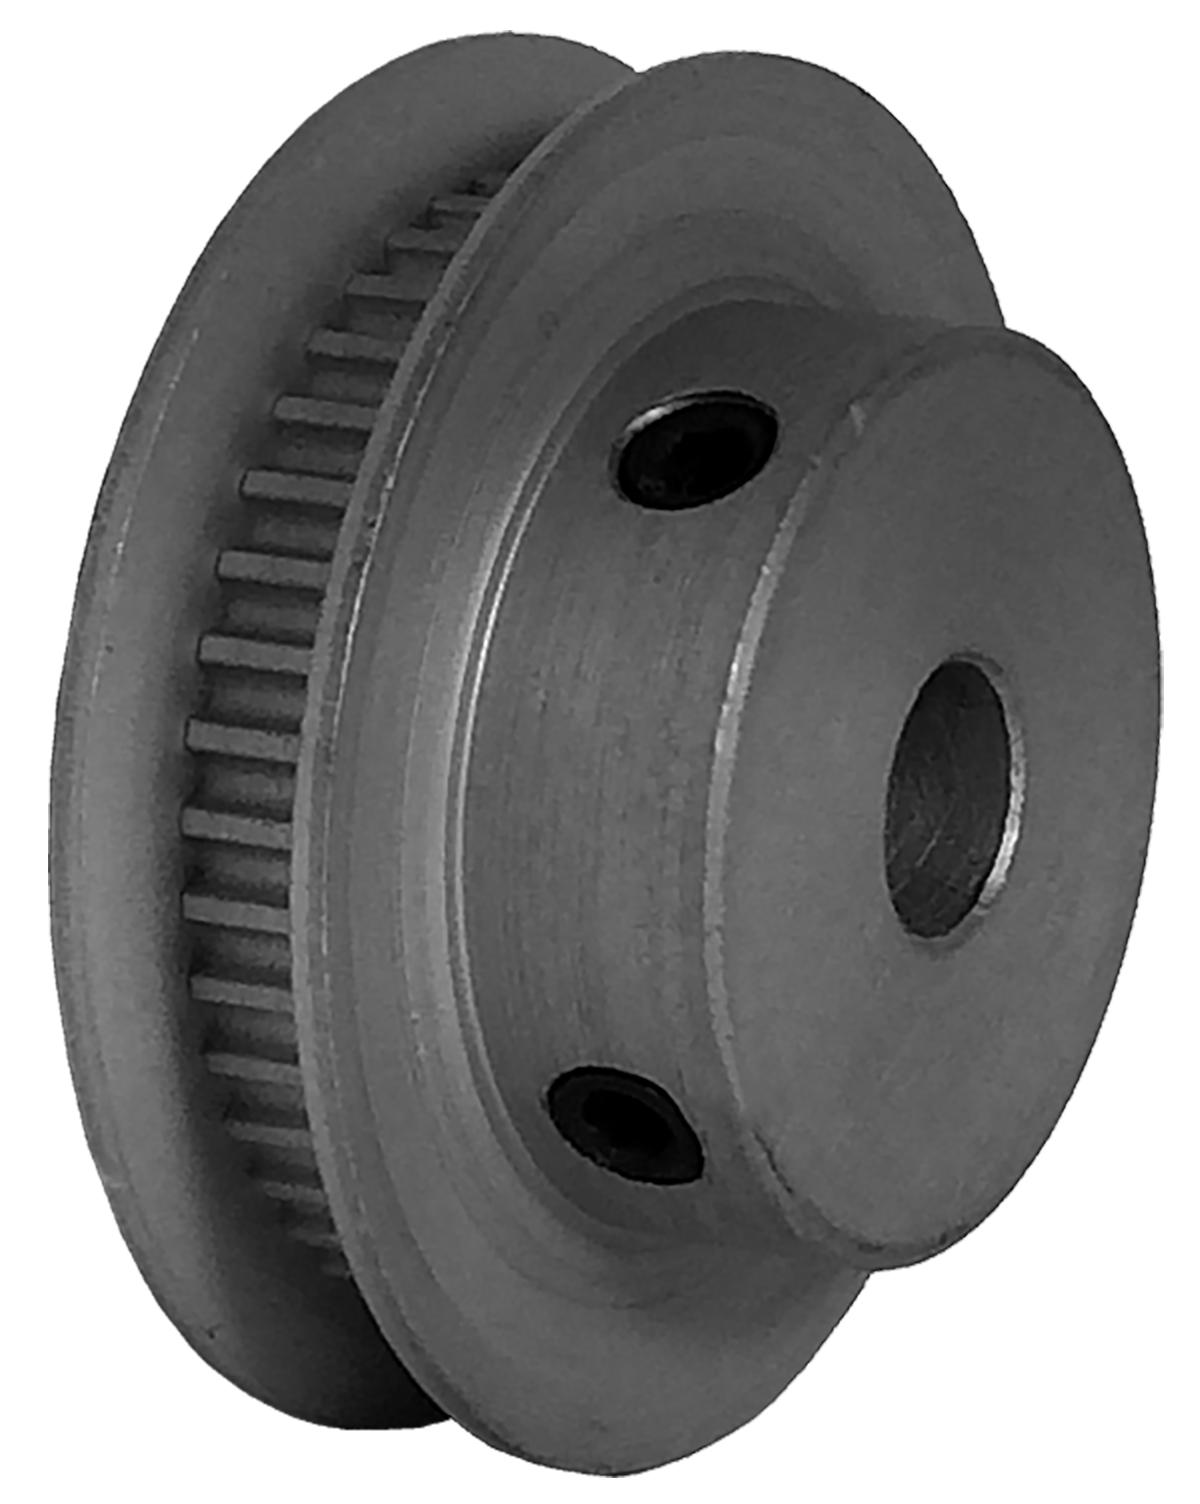 44-2P03-6FA3 - Aluminum Powerhouse® Pulleys